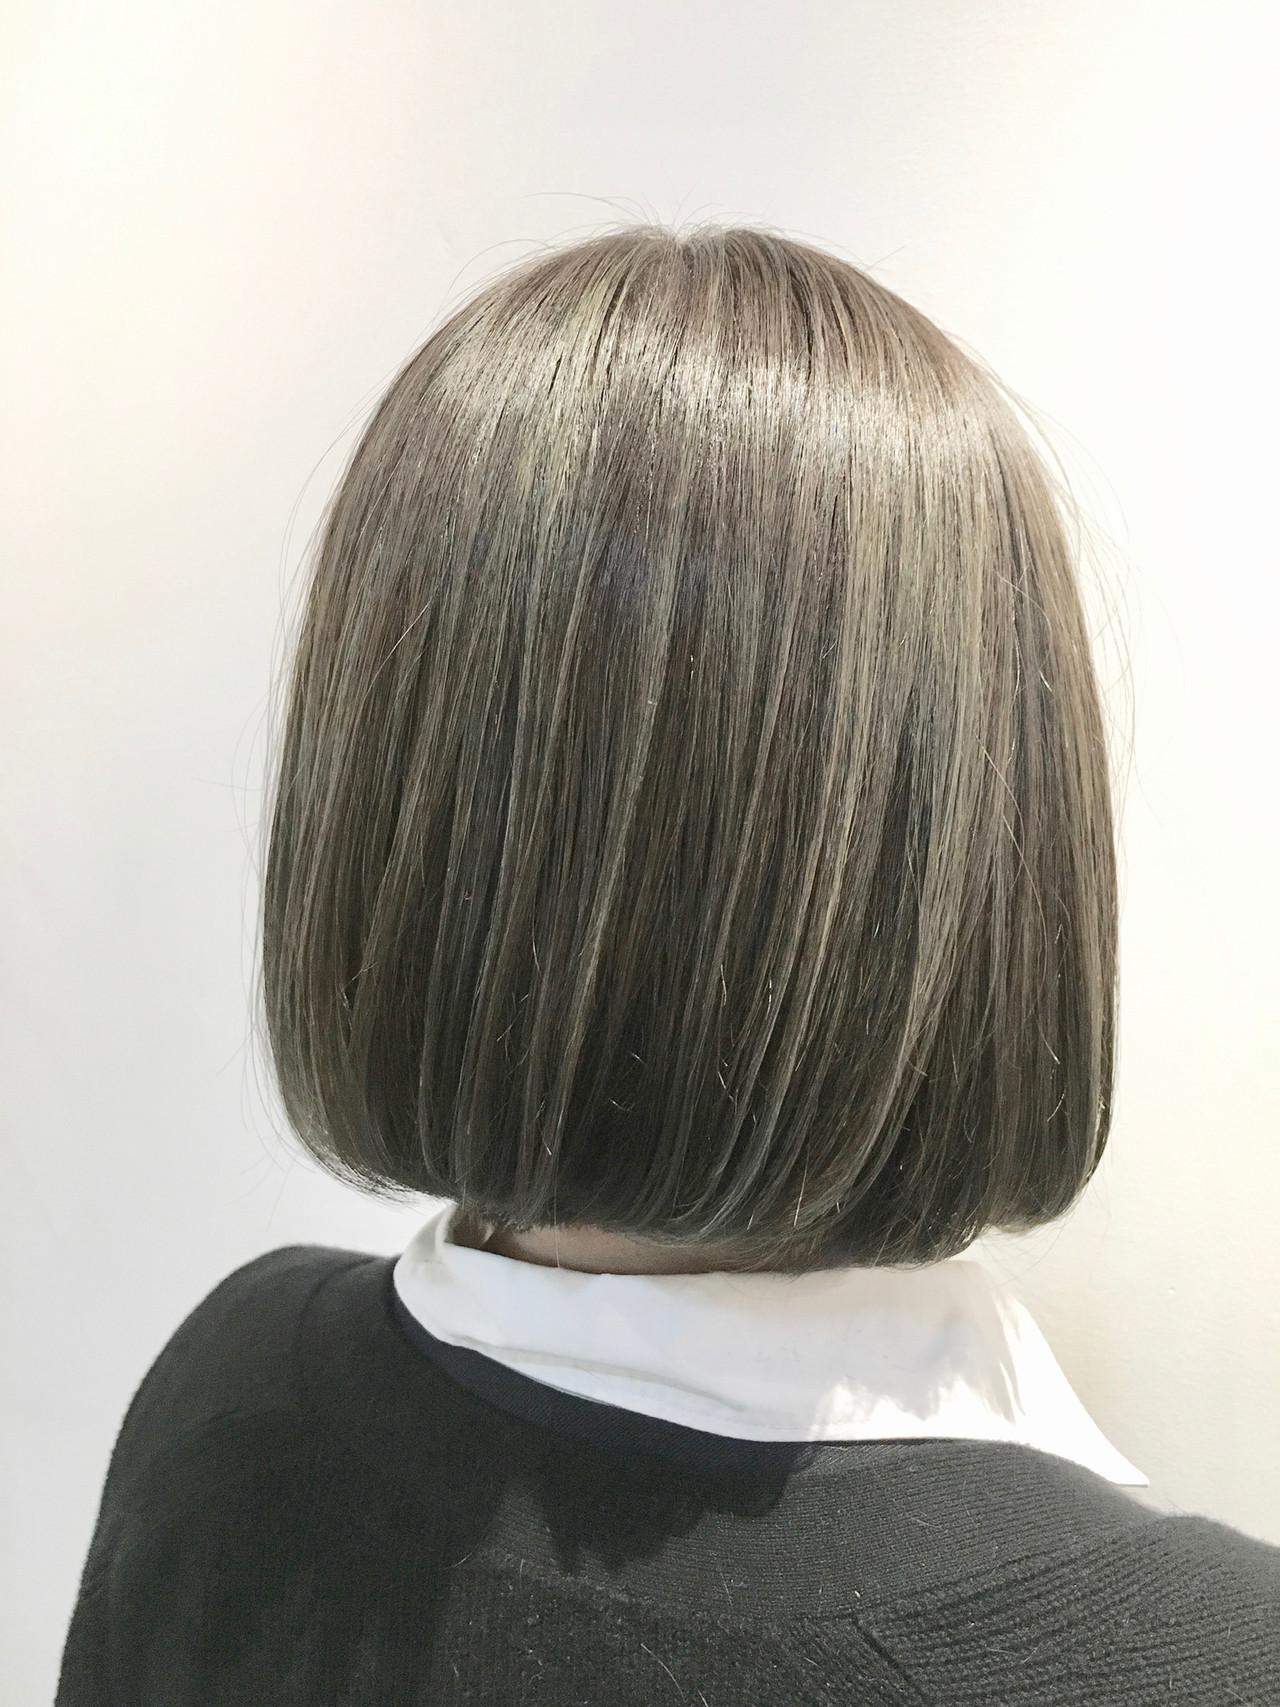 ほのかに色づくグリーンがポイント! 村上 駿FRAMES hair design